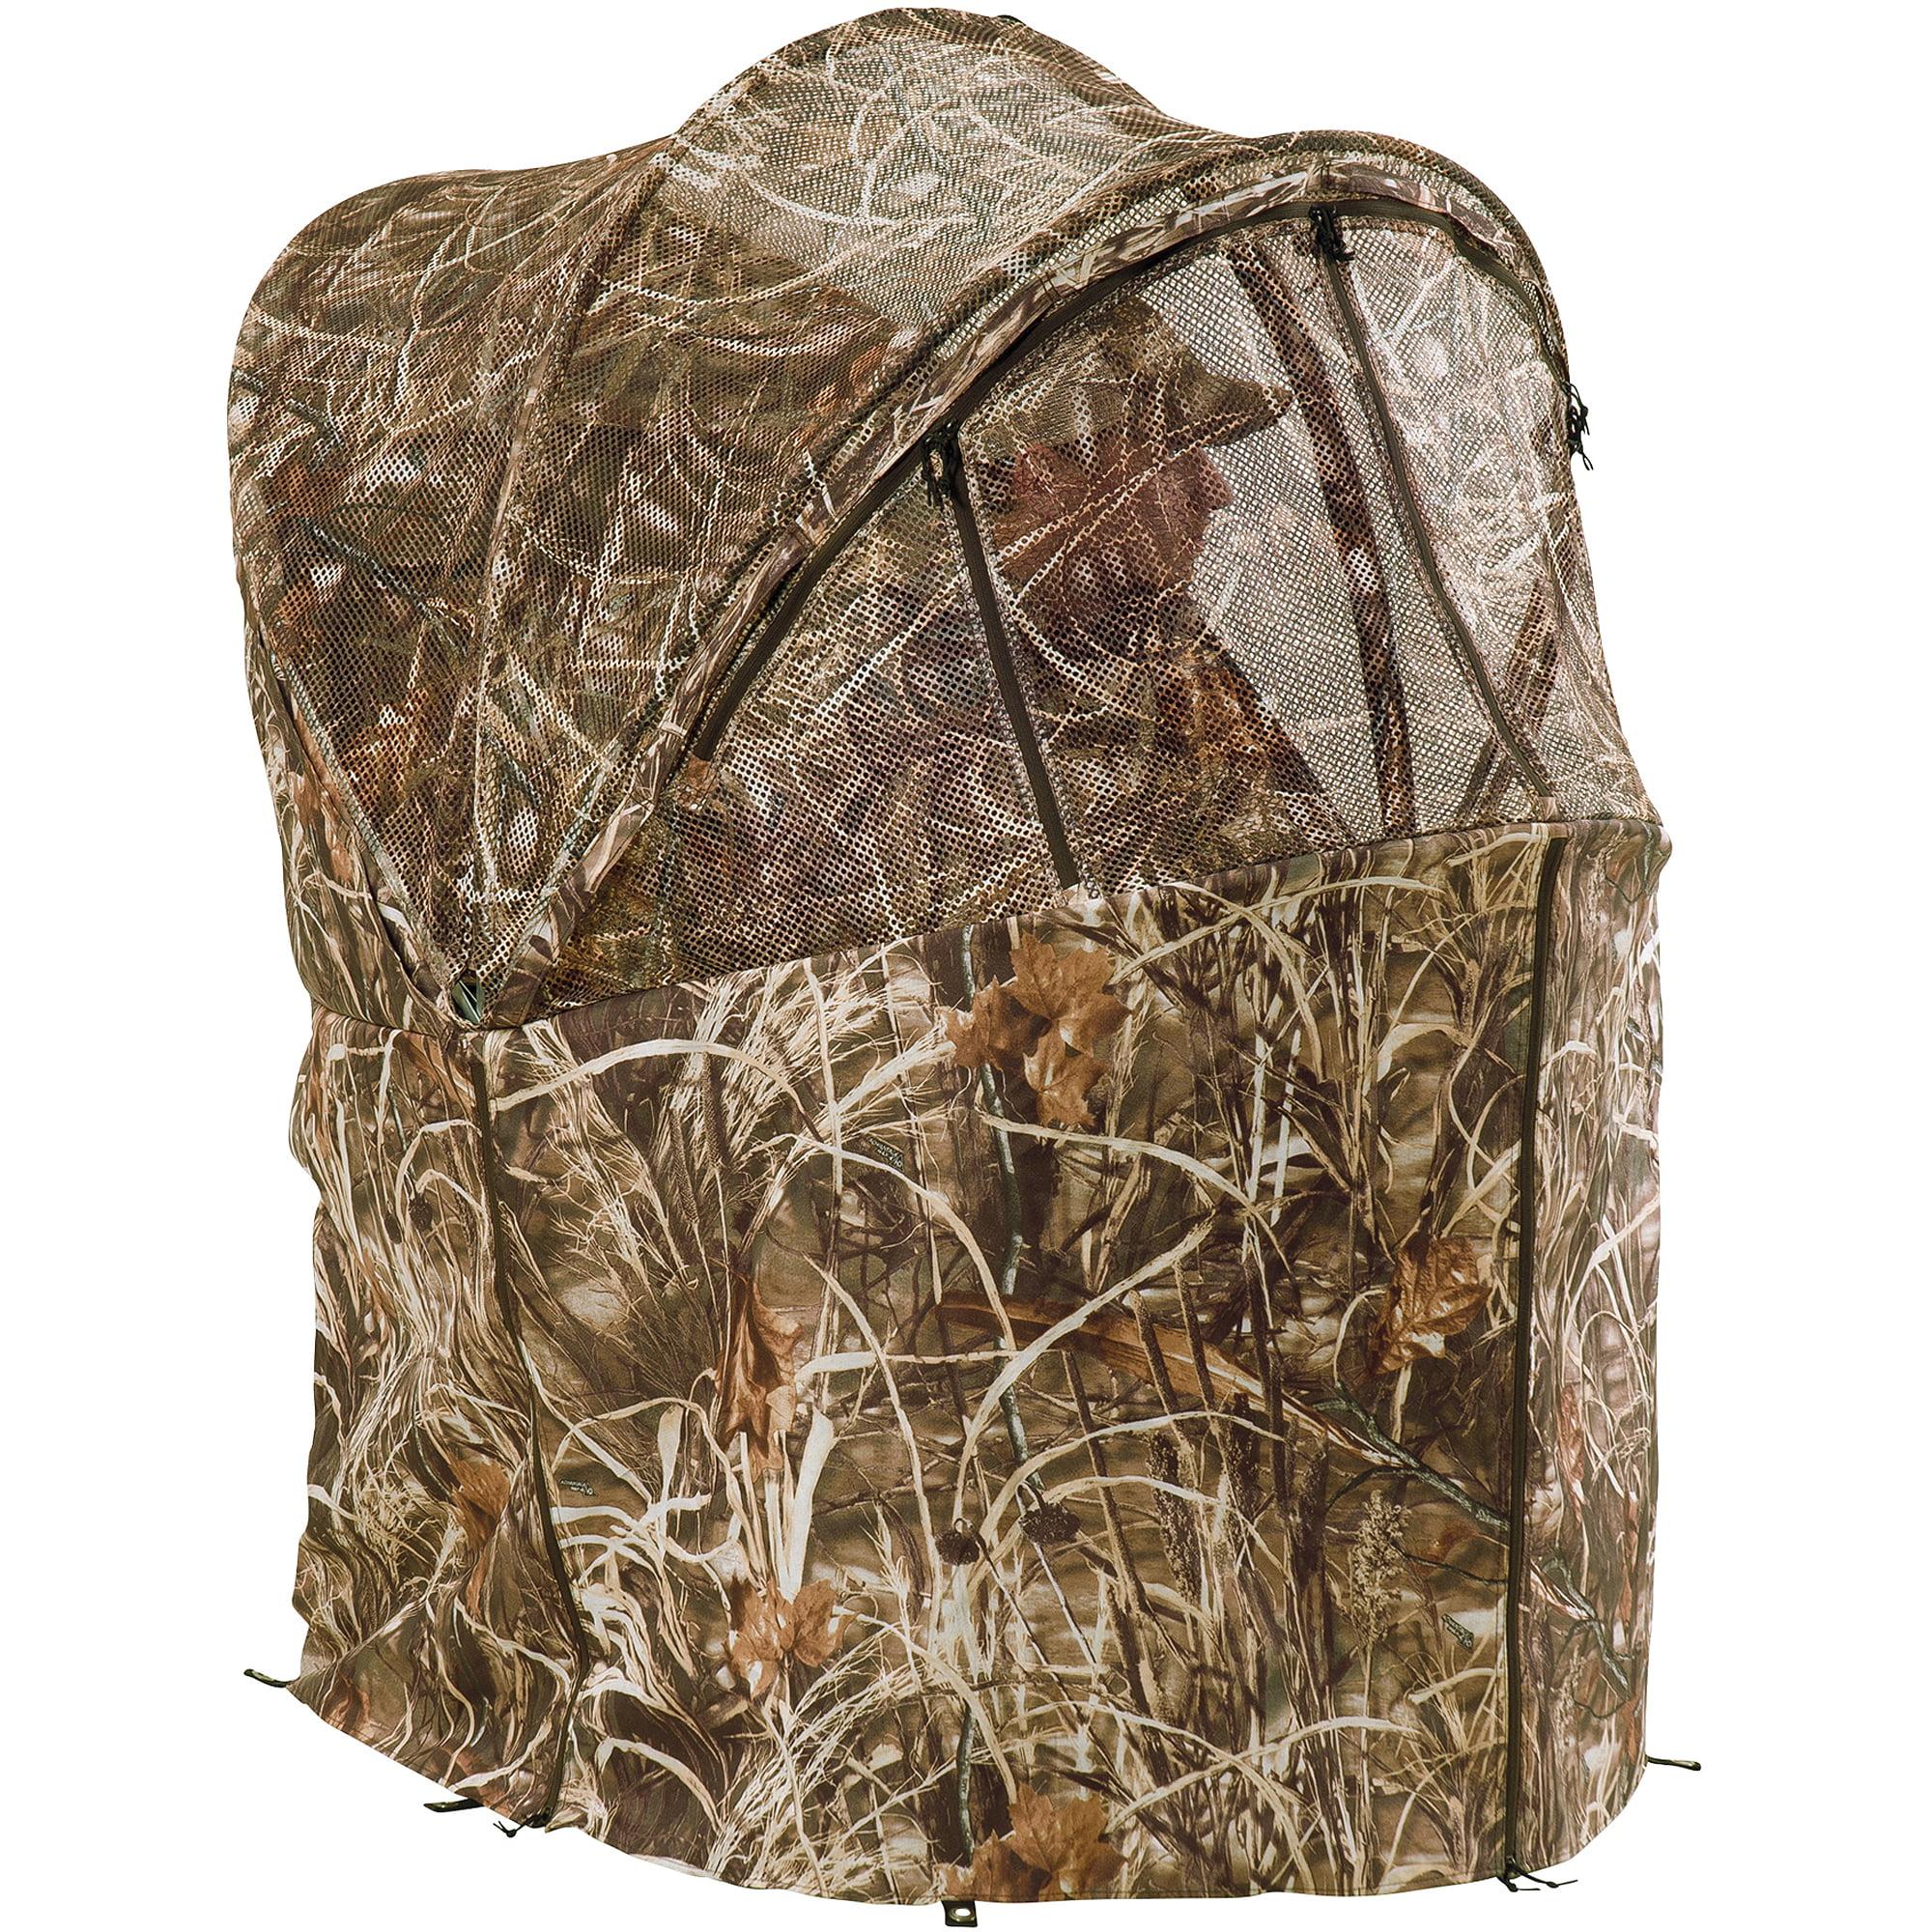 camo office chair hans wegner papa bear rapid-shooter tent blind, duck commander - walmart.com